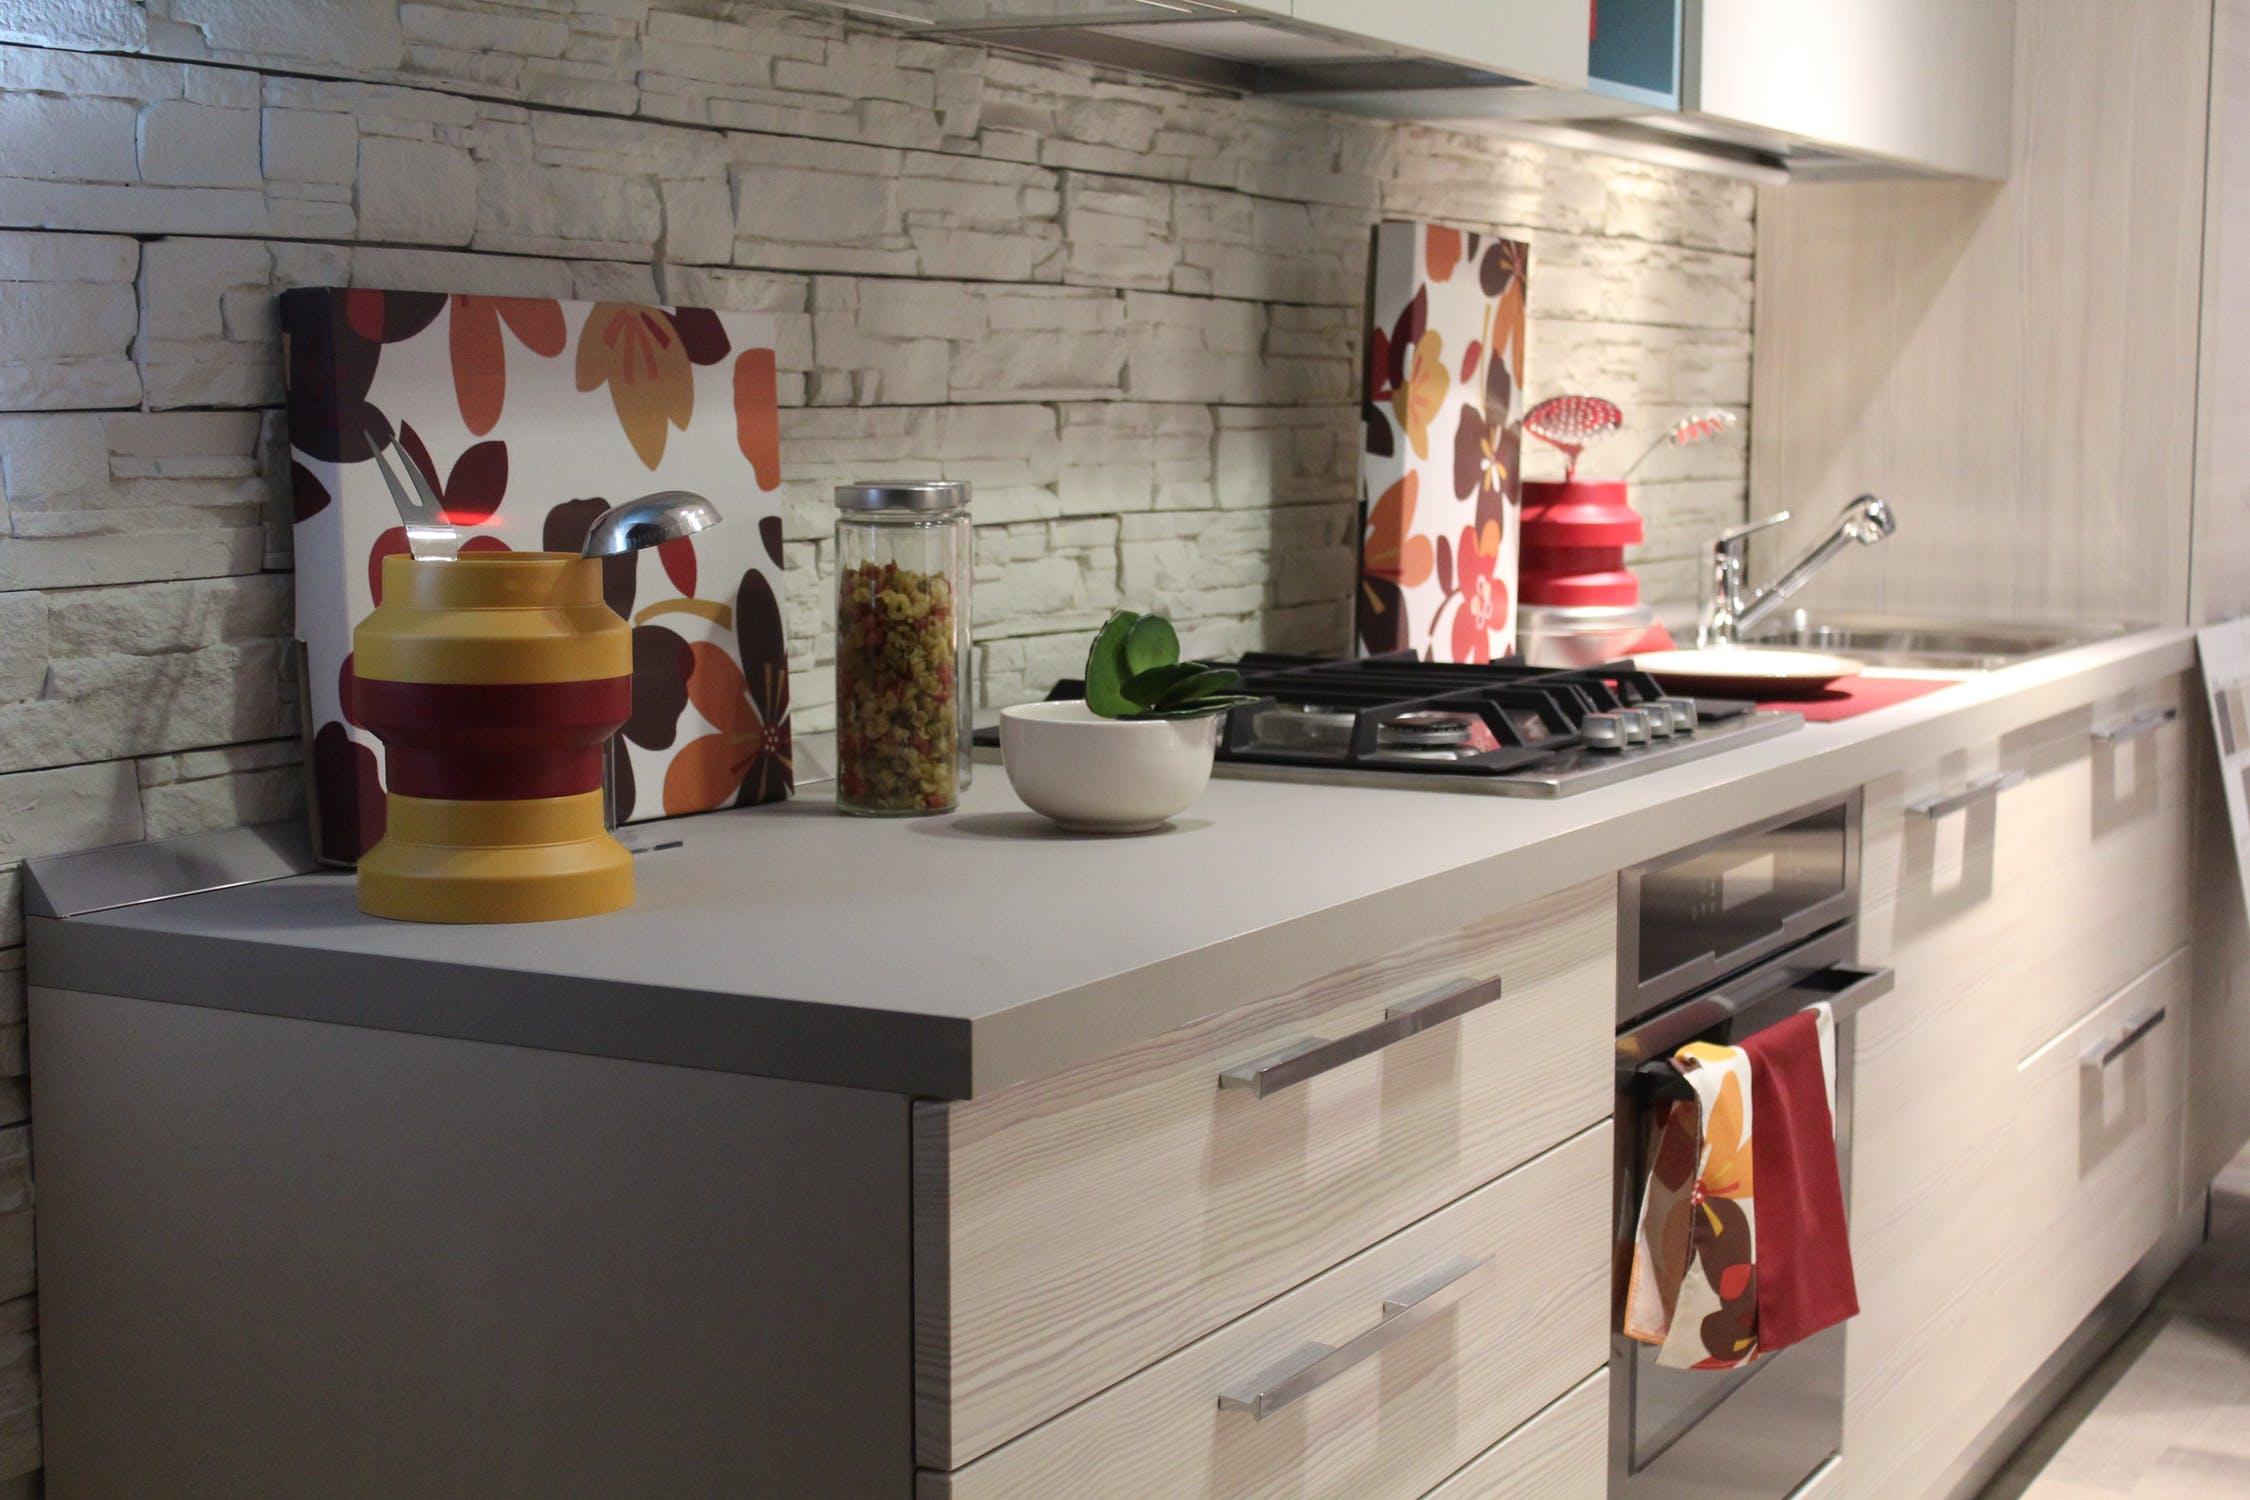 Ikea keukens plaatsen onderhoudsbedrijf lionar den haag